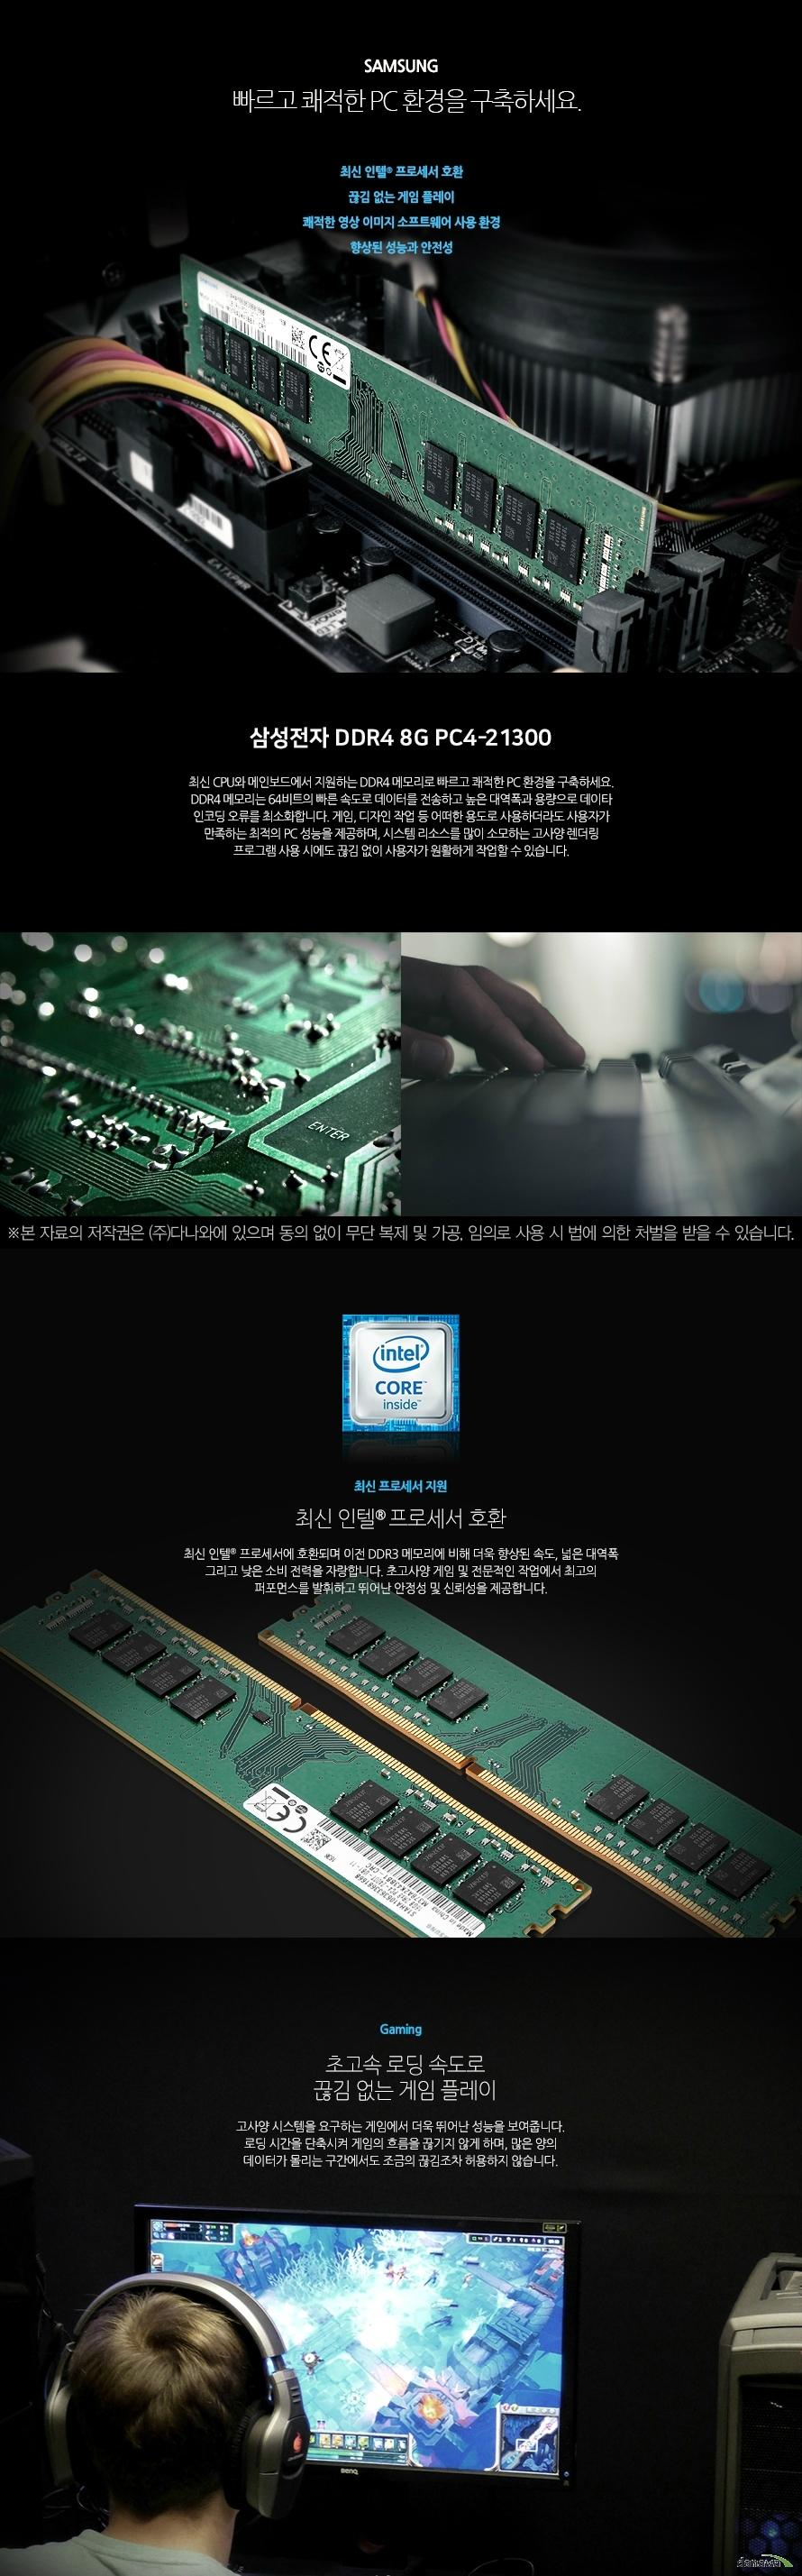 삼성전자 DDR4 8G PC4-21300 (정품)  빠르고 쾌적한 PC 환경을 구축하세요. 최신 인텔 프로세서 호환 끊김 없는 게임 플레이  쾌적한 영상 이미지 소프트웨어 사용 환경  향상된 성능과 안전성  최신 CPU와 메인보드에서 지원하는 DDR4 메모리로 빠르고 쾌적한 PC 환경을 구축하세요. DDR4 메모리는 64비트의 빠른 속도로 데이터를 전송하고 높은 대역폭과 용량으로 데이타 인코딩 오류를 최소화합니다. 게임, 디자인 작업 등 어떠한 용도로 사용하더라도 사용자가 만족하는 최적의 PC 성능을 제공하며, 시스템 리소스를 많이 소모하는 고사양 렌더링 프로그램 사용 시에도 끊김 없이 사용자가 원활하게 작업할 수 있습니다.   최신 프로세서 지원 최신 인텔 프로세서 호환 최신 인텔 프로세서에 호환되며 이전 DDR3 메모리에 비해 더욱 향상된 속도, 넓은 대역폭 그리고 낮은 소비 전력을 자랑합니다. 초고사양 게임 및 전문적인 작업에서 최고의 퍼포먼스를 발휘하고 뛰어난 안정성 및 신뢰성을 제공합니다.     Gaming 초고속 로딩 속도로 끊김 없는 게임 플레이 고사양 시스템을 요구하는 게임에서 더욱 뛰어난 성능을 보여줍니다. 로딩 시간을 단축시켜 게임의 흐름을 끊기지 않게 하며, 많은 양의 데이터가 몰리는 구간에서도 조금의 끊김조차 허용하지 않습니다.  Design 웹, 그래픽, 영상 편집 프로그램 성능 향상 고성능 메모리로 작업 능률을 향상 시켜보세요. 고용량 사진 작업 및 고화질 영상 작업, 렌더링, 인코딩 작업을 할 때 더욱 큰 성능을 발휘합니다. 병목현상을 최소화하여 끊김, 지연 현상을 없애고 쾌적한 작업 환경을 조성할 수 있도록 도와줍니다.  clock 높은 메모리 클럭으로 더욱 빠른 PC환경! 높은 메모리 동작 클럭이 빠른 동작 속도를 제공함으로써, 사용자는 더욱 쾌적한 PC 사용환경을 경험할 수 있습니다. 일반 메모리에 비해 향상된 성능과 안전성으로 게이밍, 그래픽 작업 등 다양한 환경에서 최고의 퍼포먼스를 제공합니다.